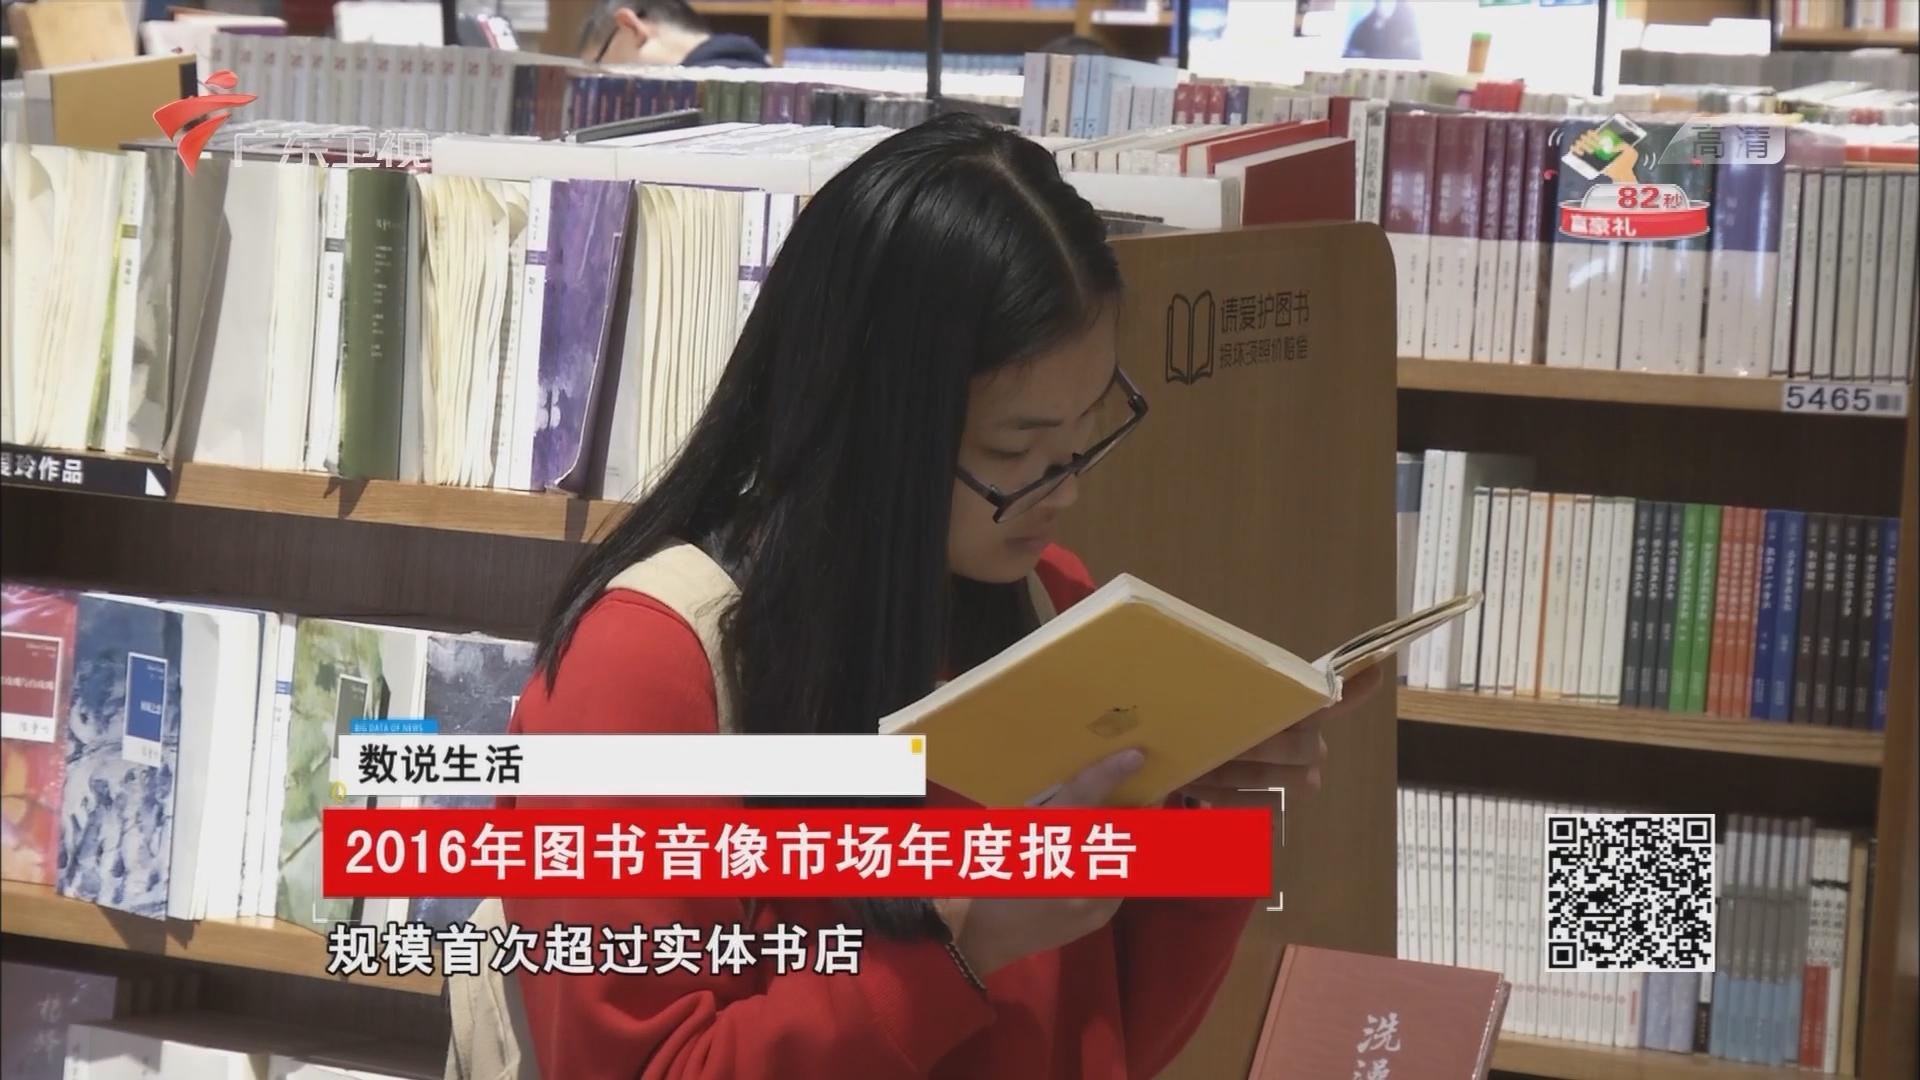 2016年图书音像市场年度报告